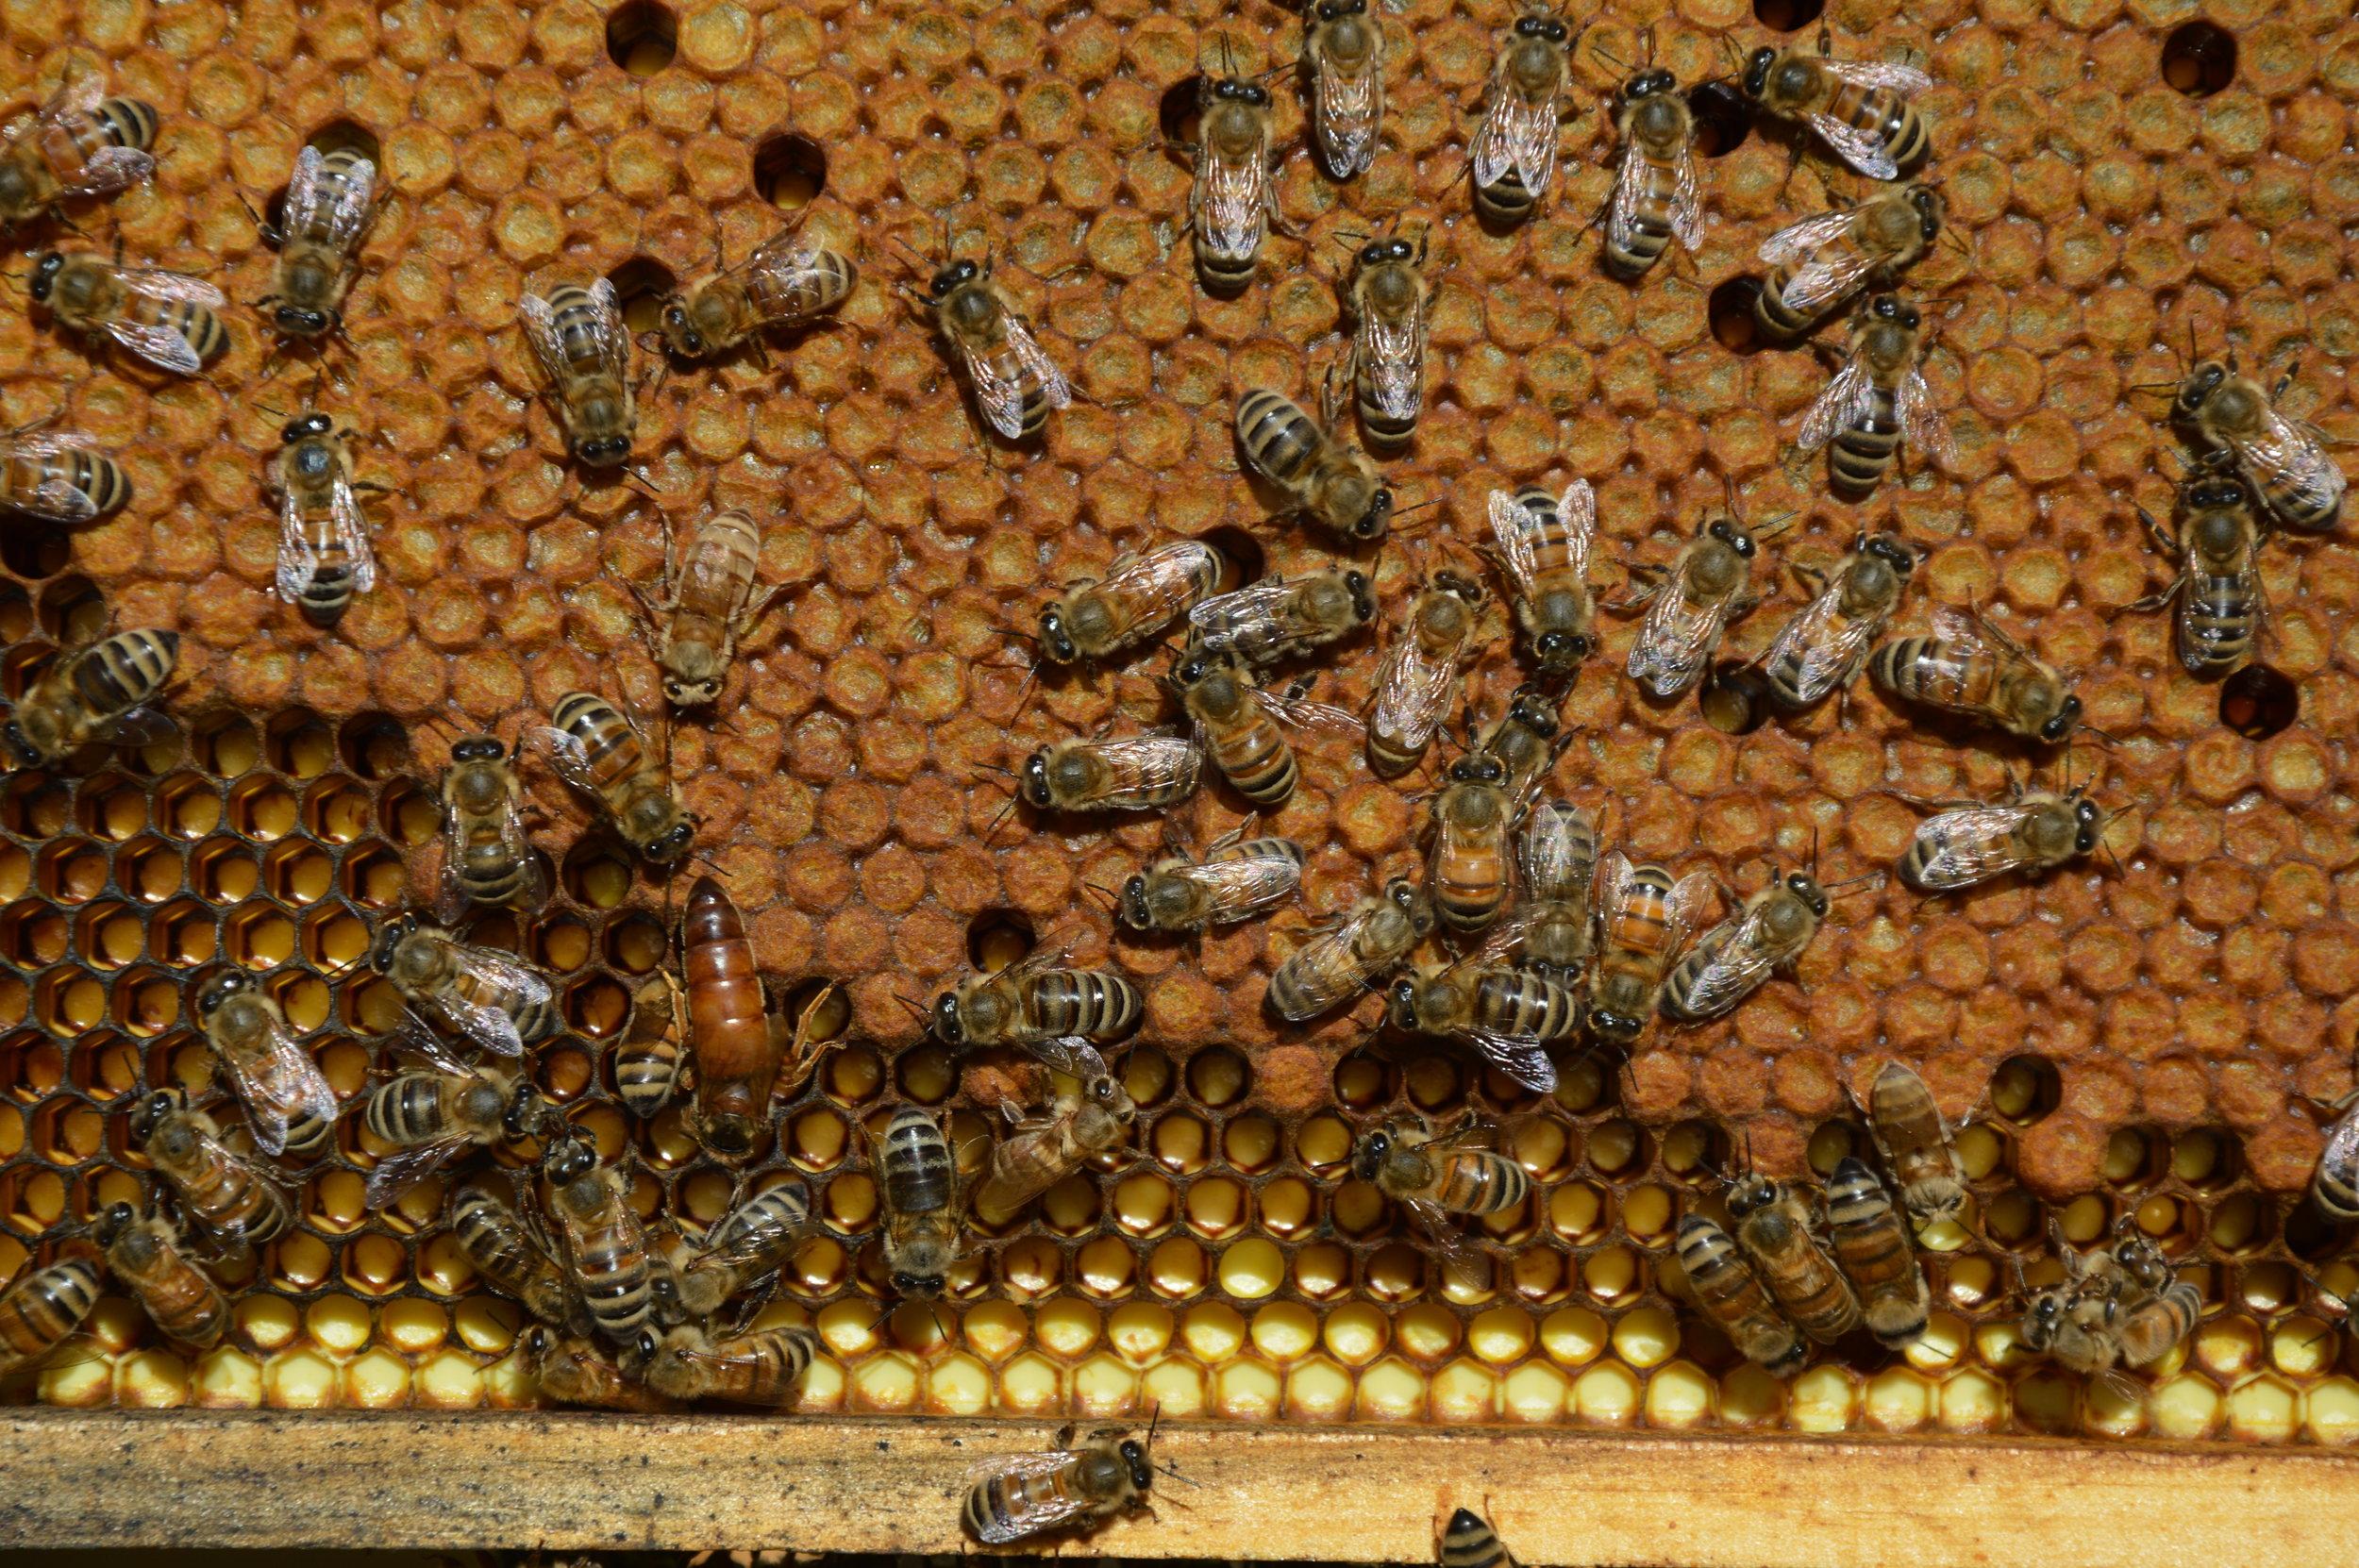 Cadre de ruche avec du couvain operculé.  La reine est très visible en bas à gauche du cadre.